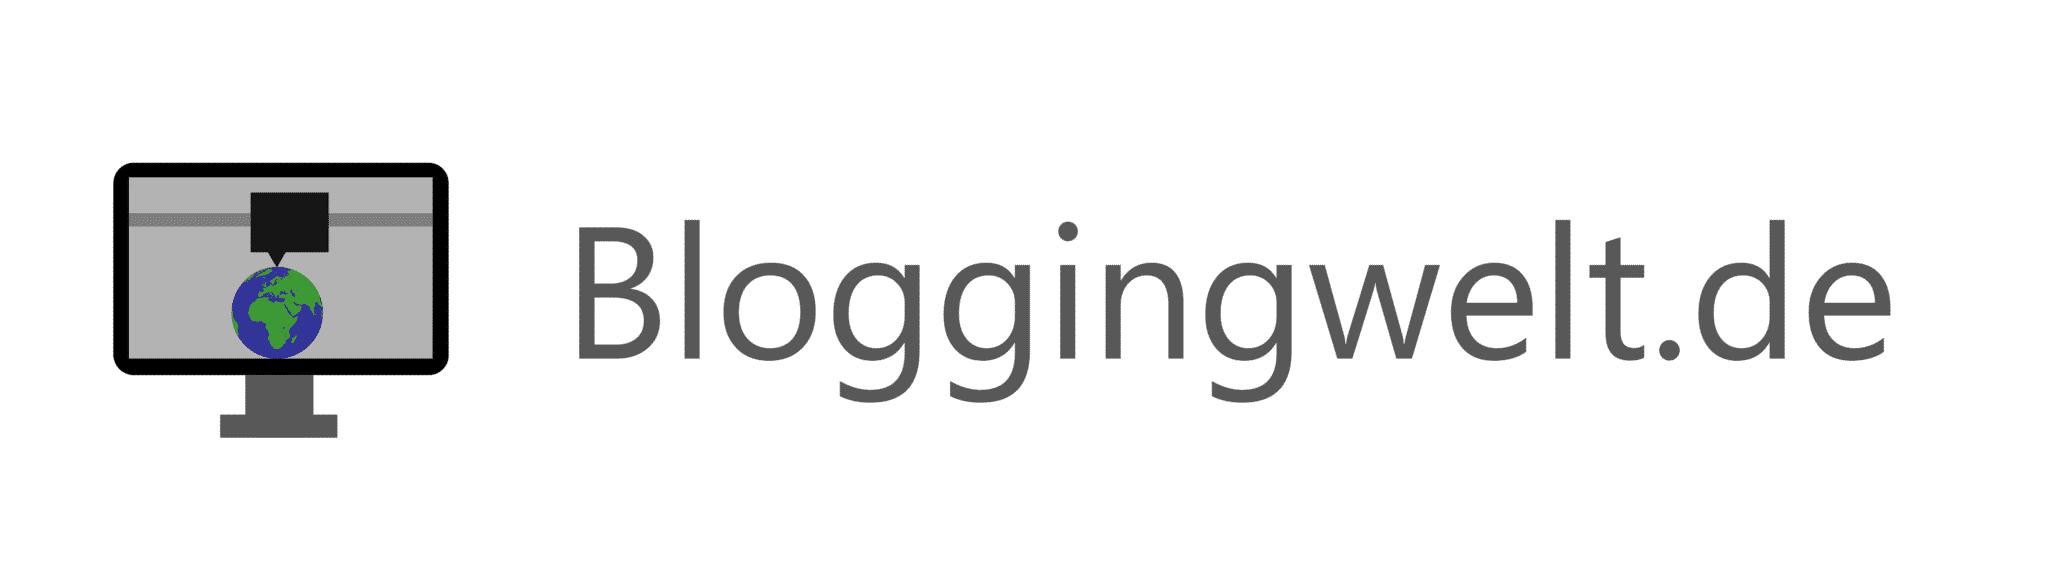 Bloggingwelt